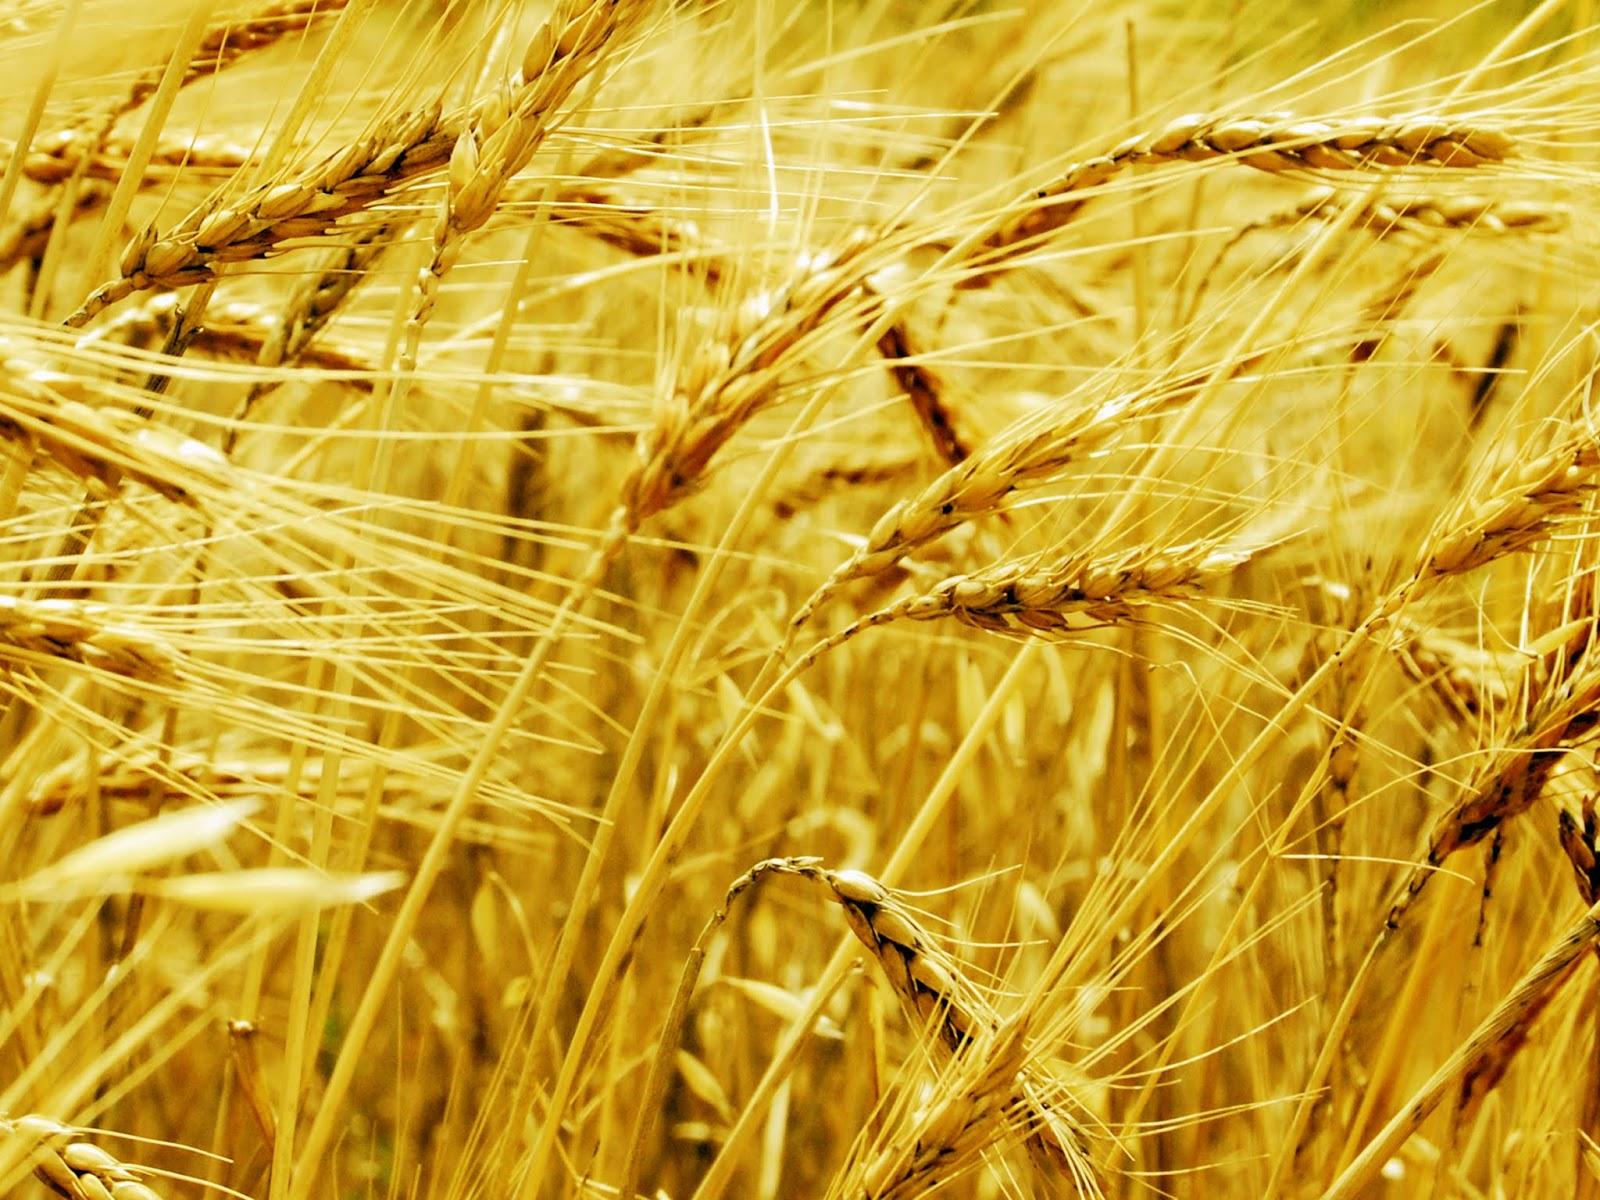 Plantação de trigo, em tons dourados, sendo fustigada pelo vento ilustra este post sobre o Shijing, o Livro das Canções.